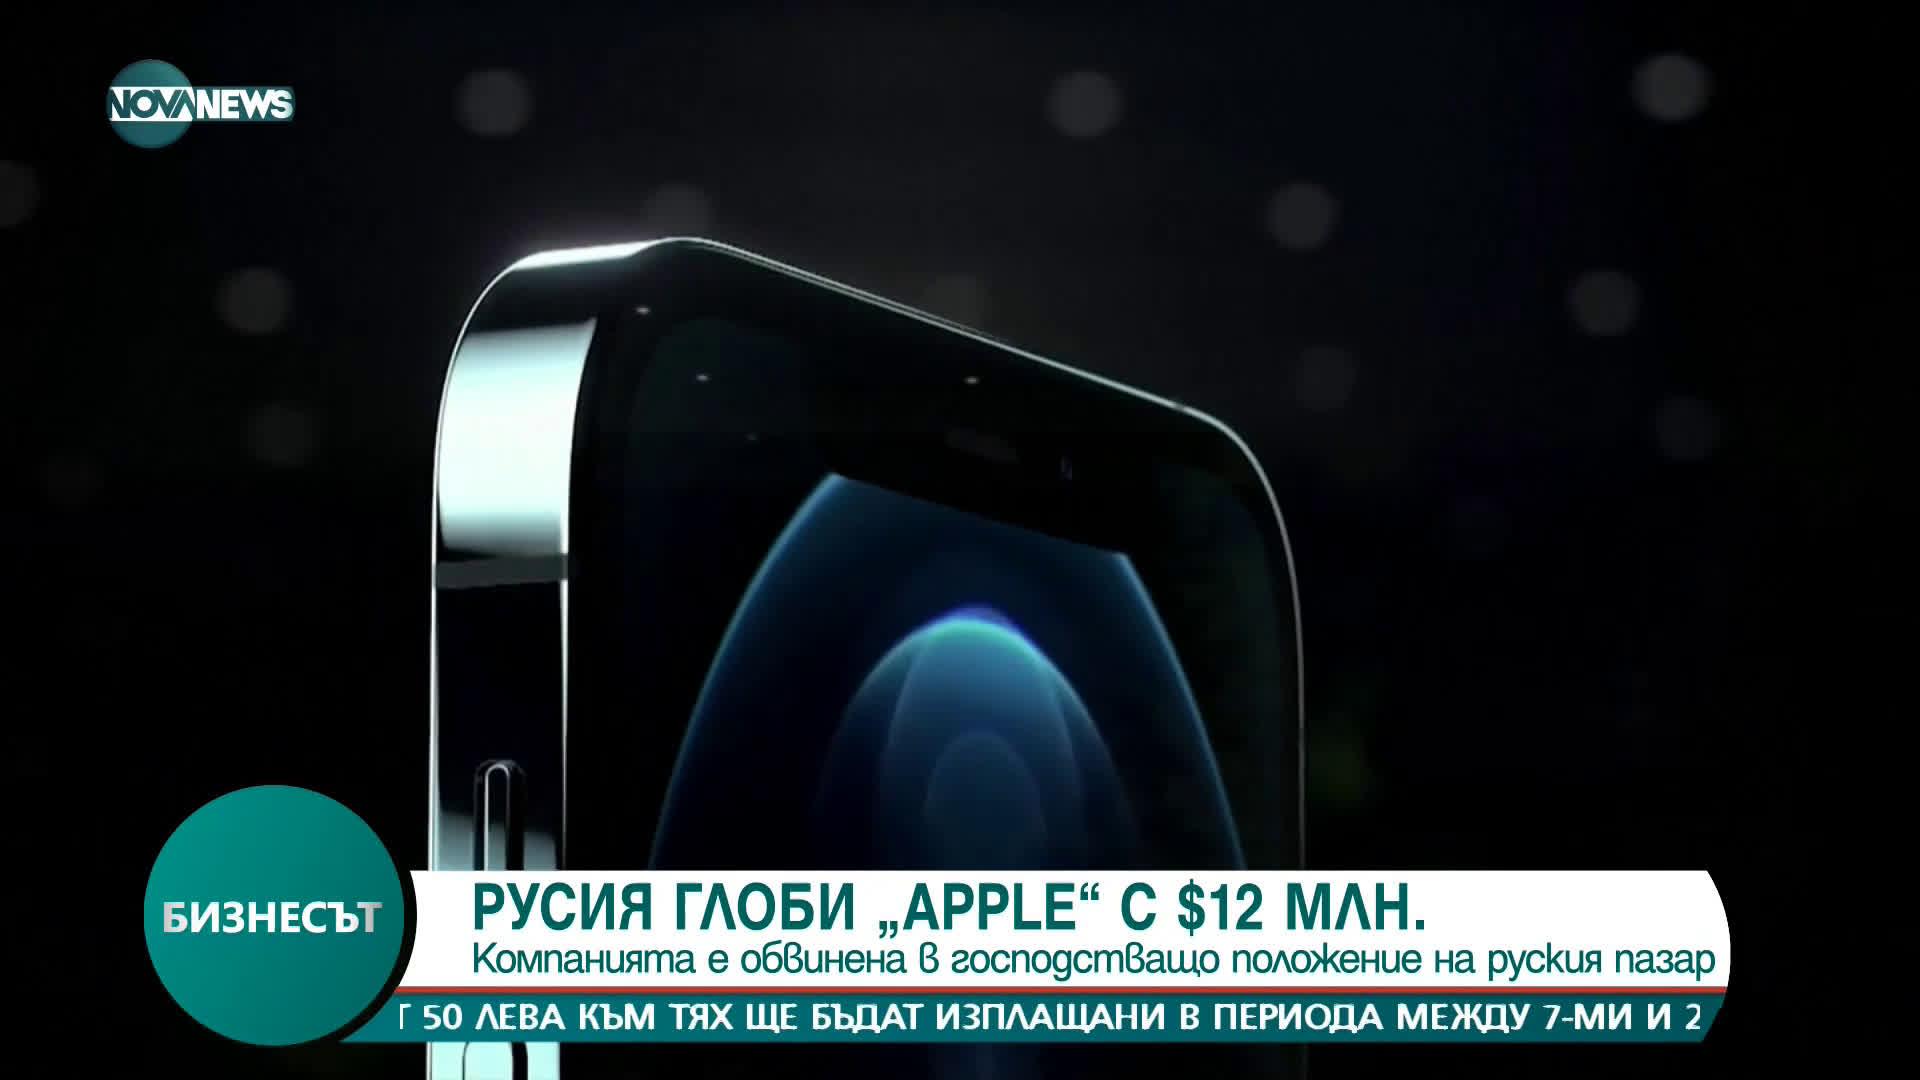 Русия глоби Apple с 12 млн. долара